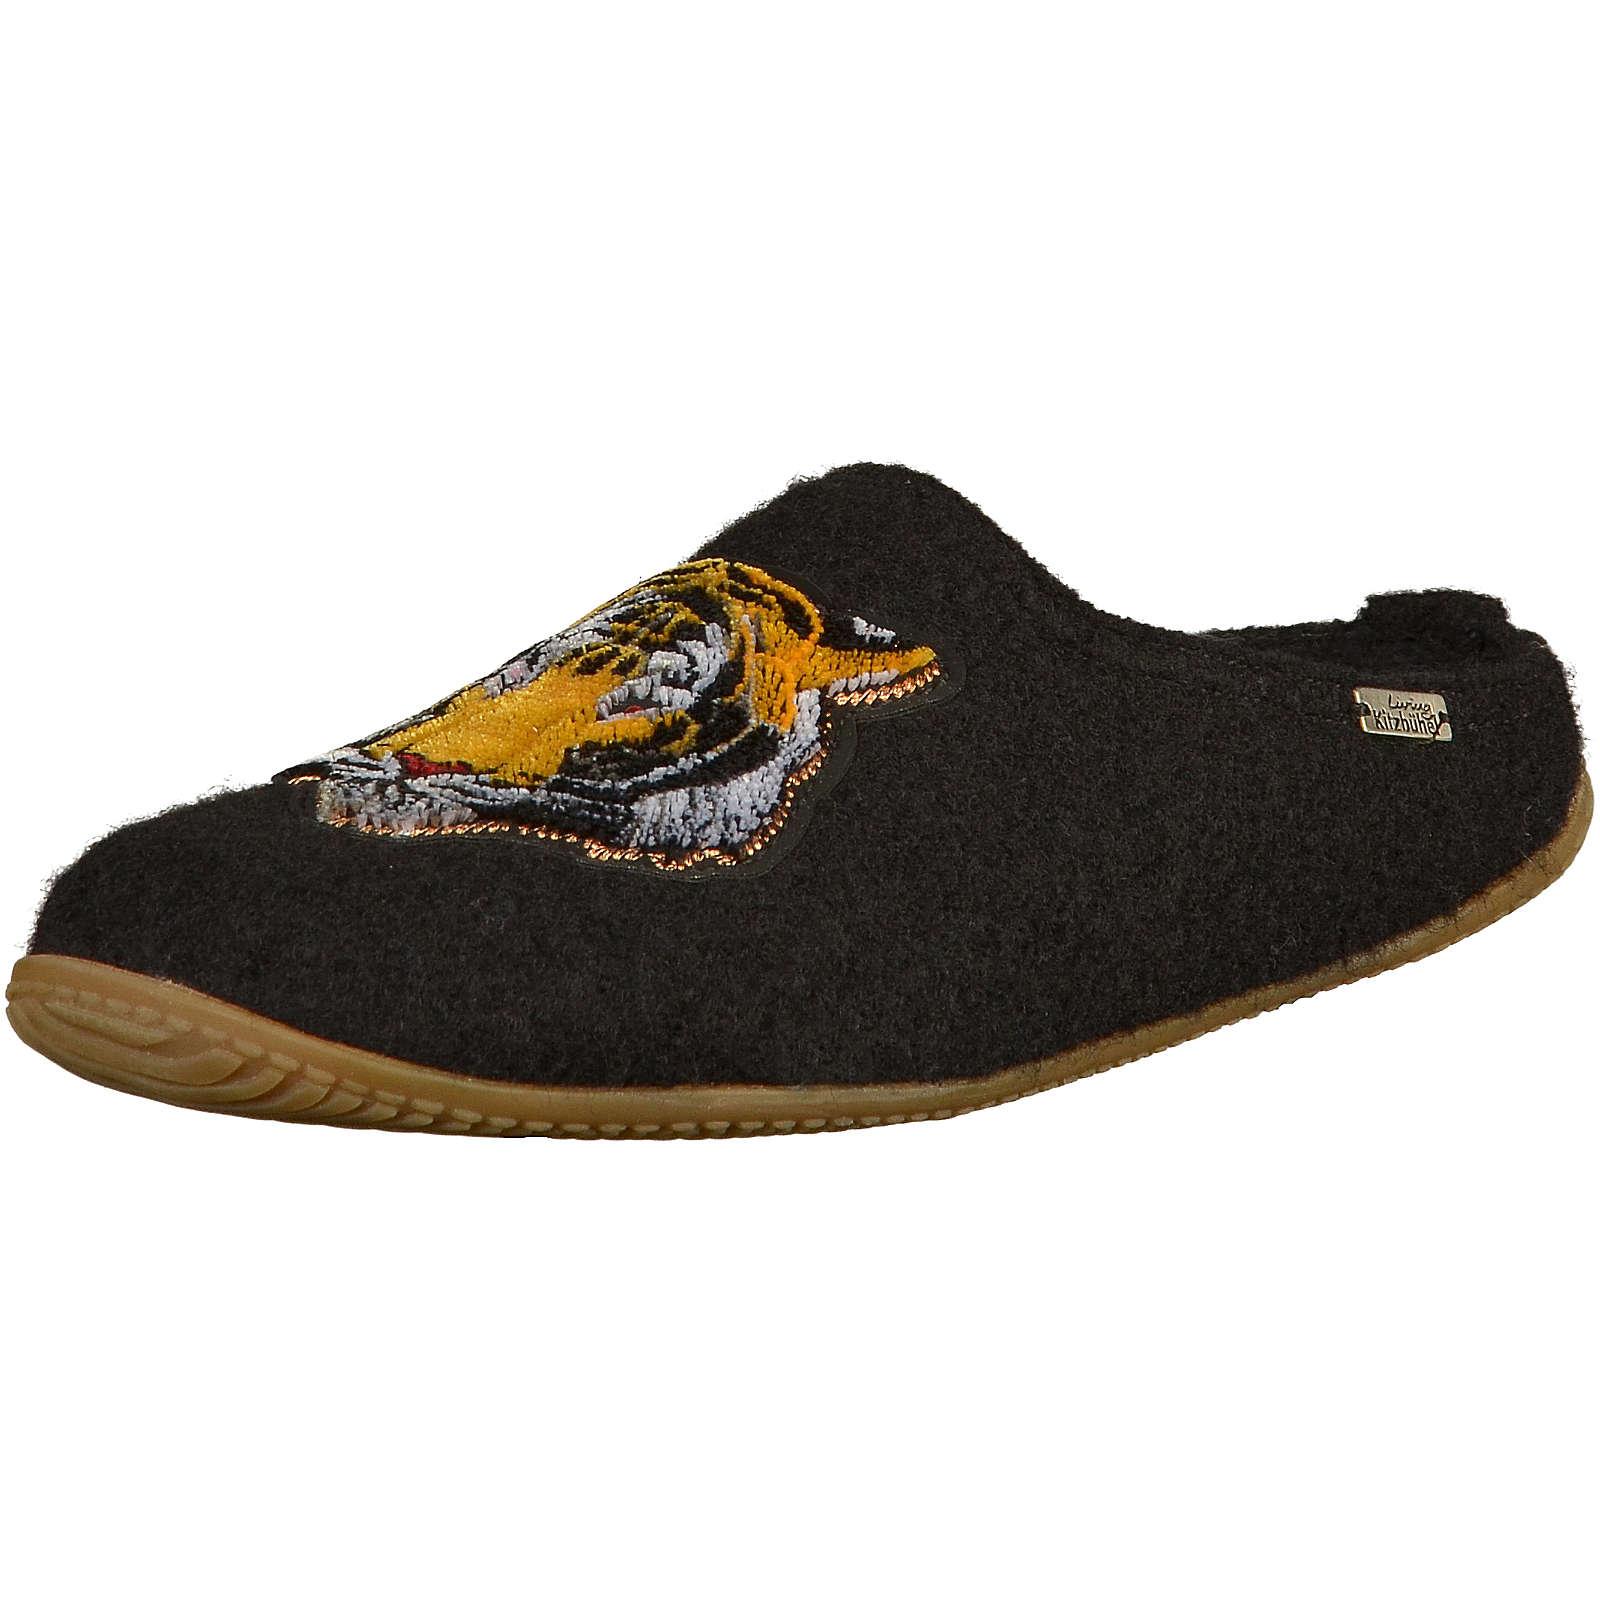 Living Kitzbühel Hausschuhe Pantoffeln schwarz Damen Gr. 36